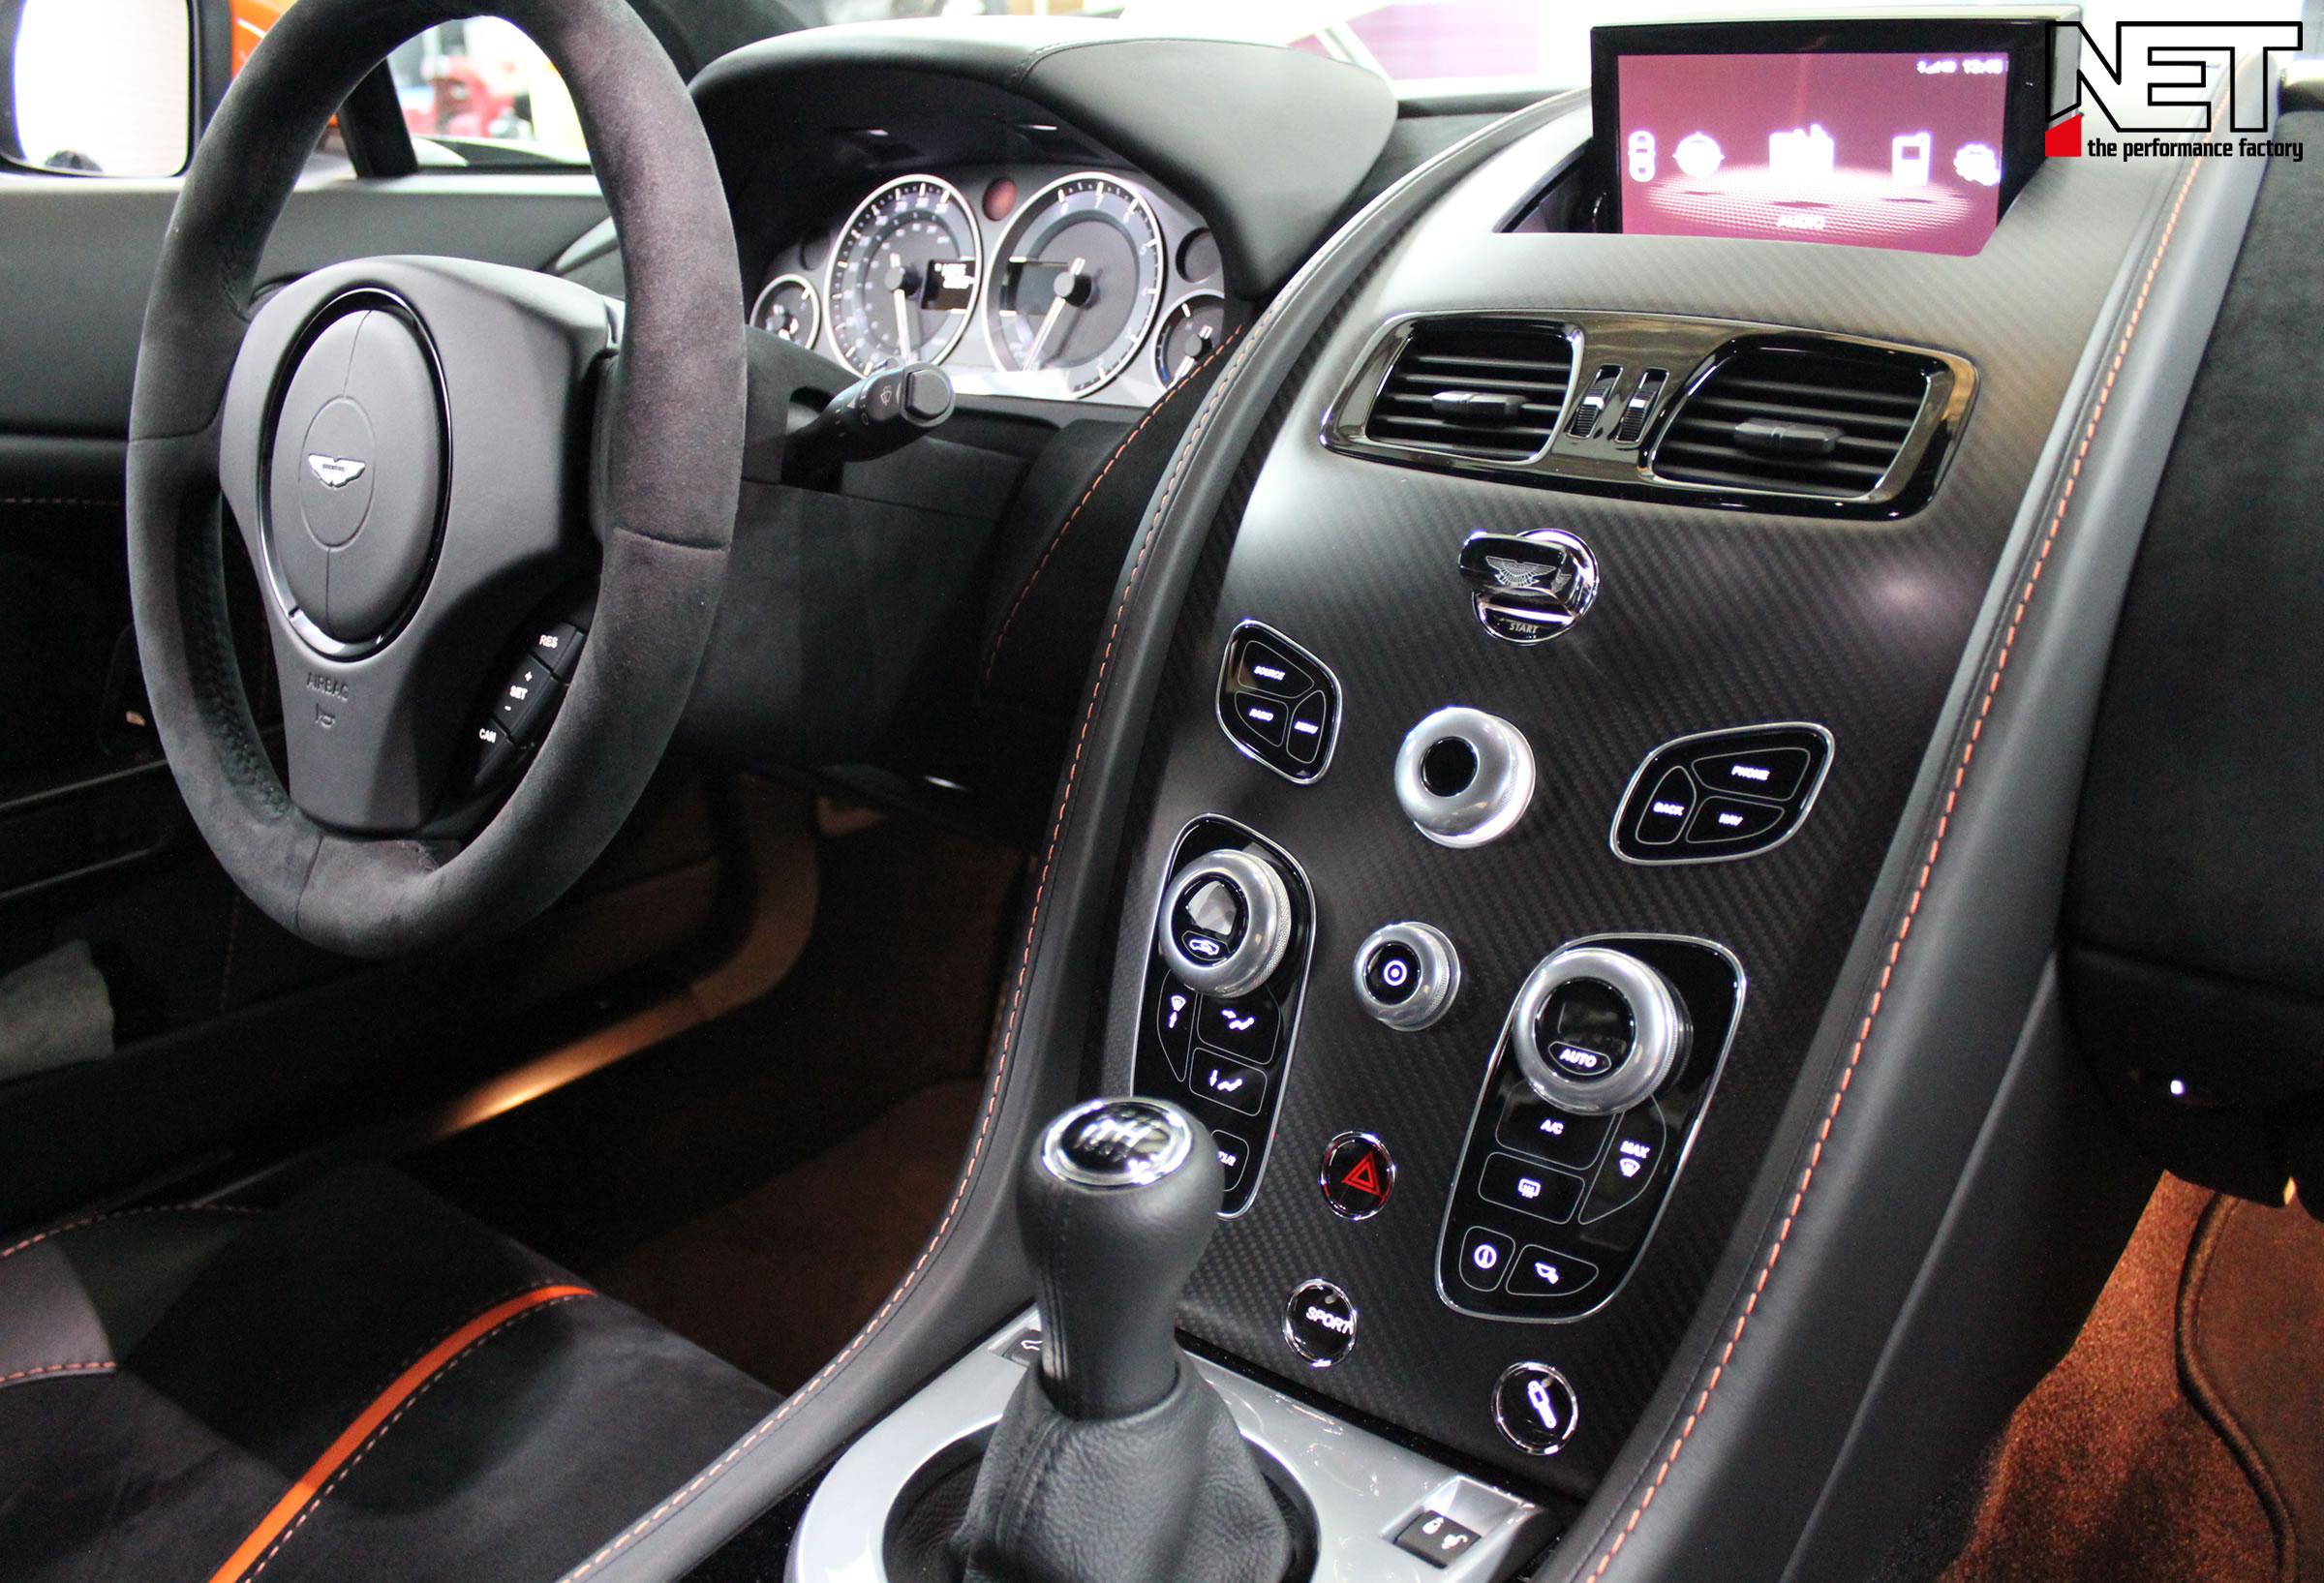 Net Galerie Car Tuning Aston Martin V12 Vantage S Chiptuning Aston Martin 1 5